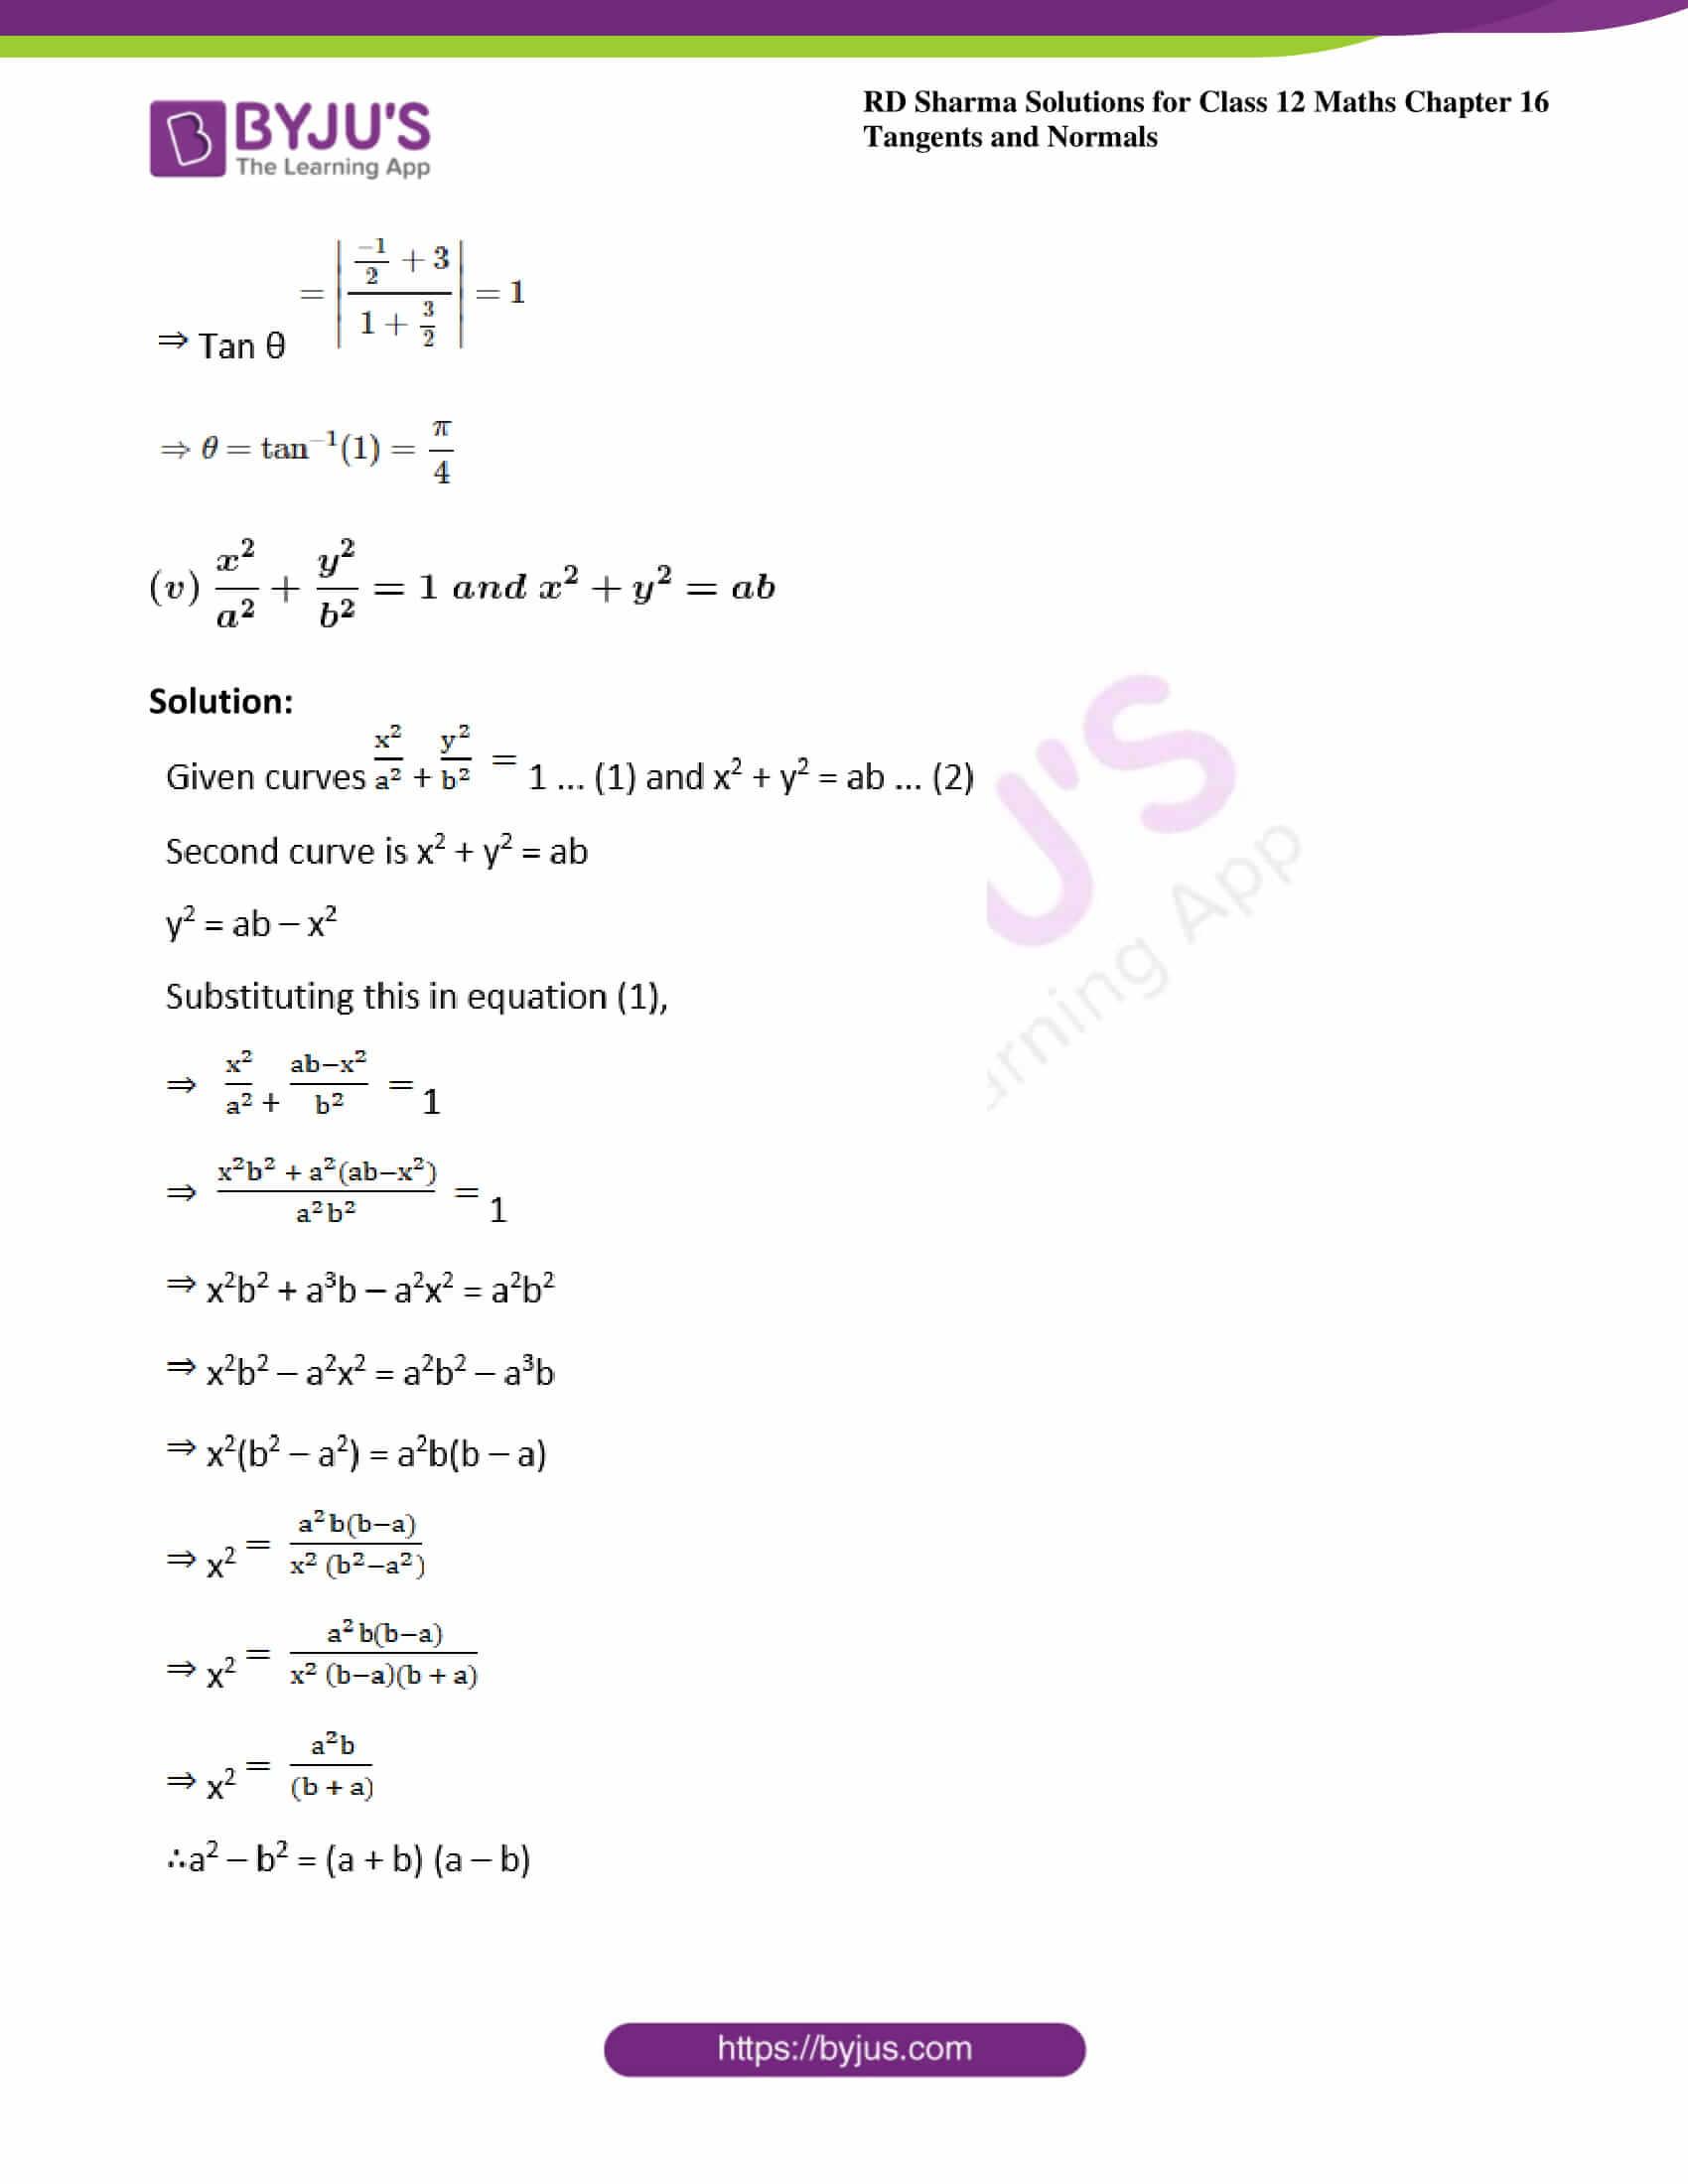 rd sharma class 12 maths solutions chapter 16 ex 3 10